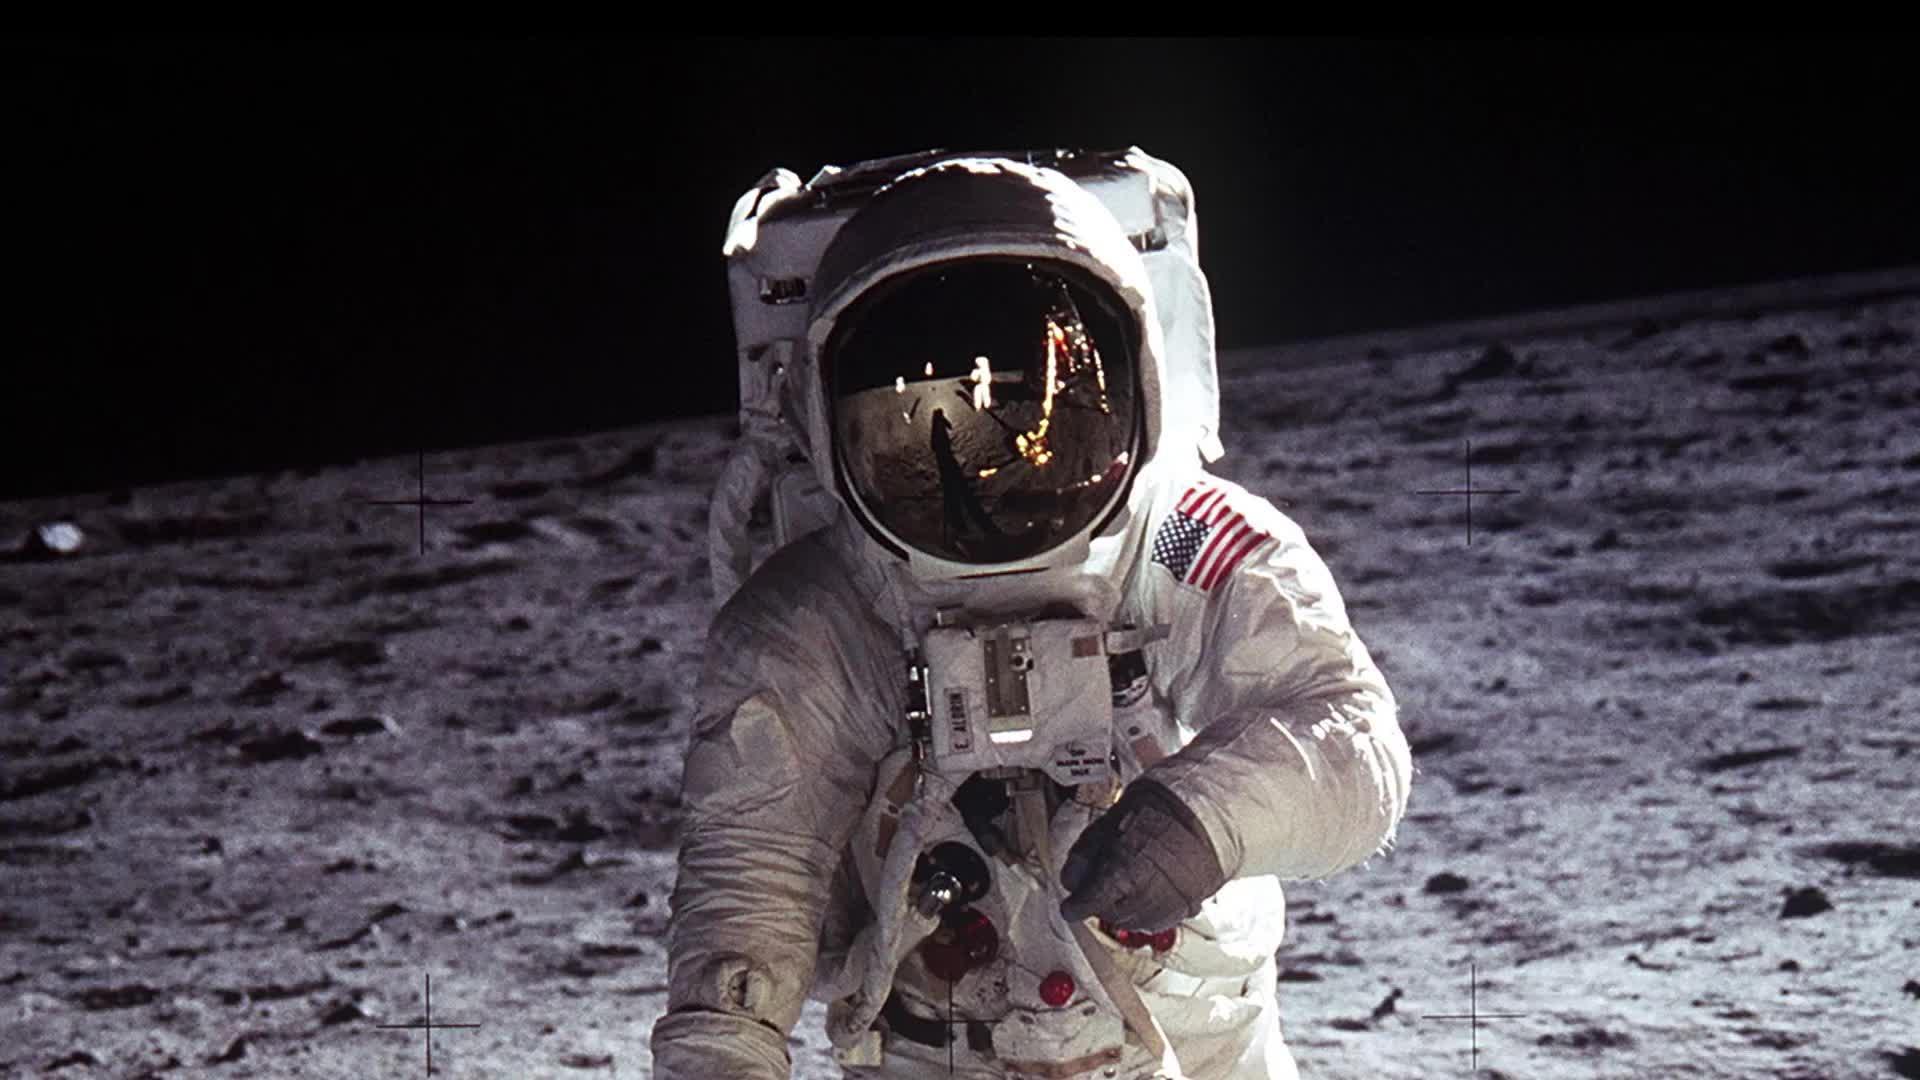 Al celebrar el 50 aniversario del Apollo 11, aquí hay seis cosas que quizás no sabías sobre el primer aterrizaje lunar.